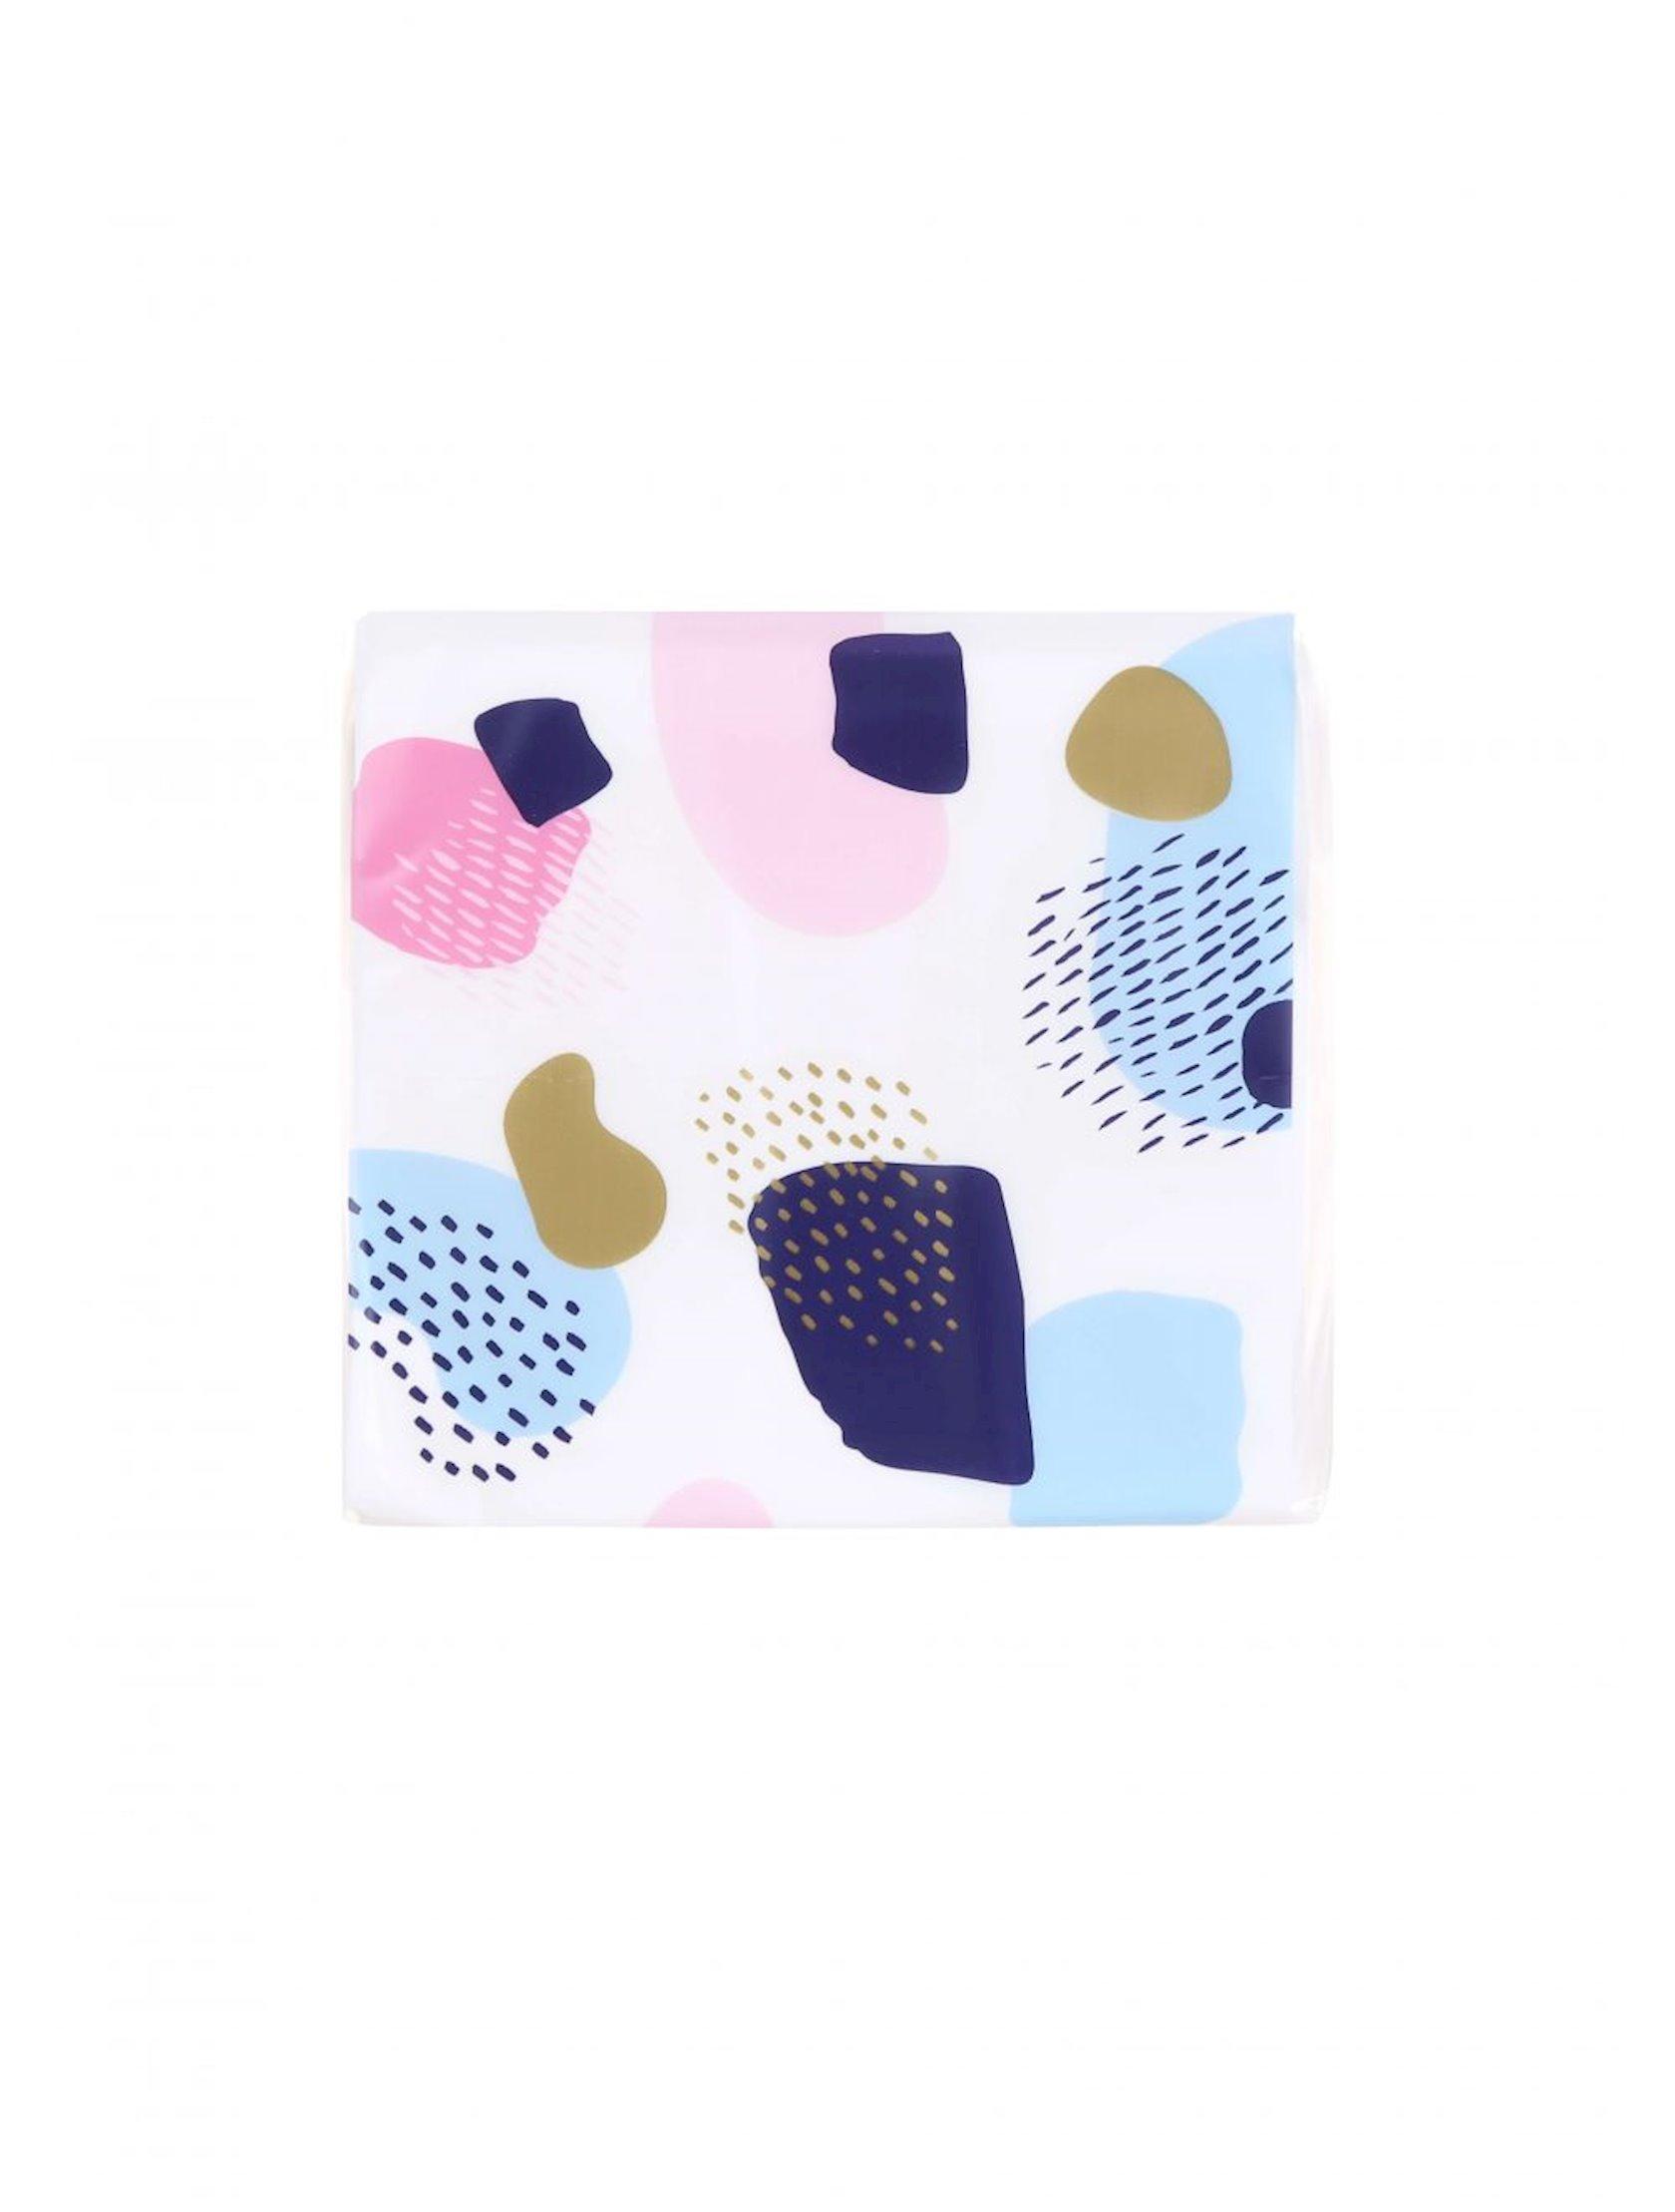 Üz salfetlər dəsti Miniso Portable Pop-up Facial Tissues